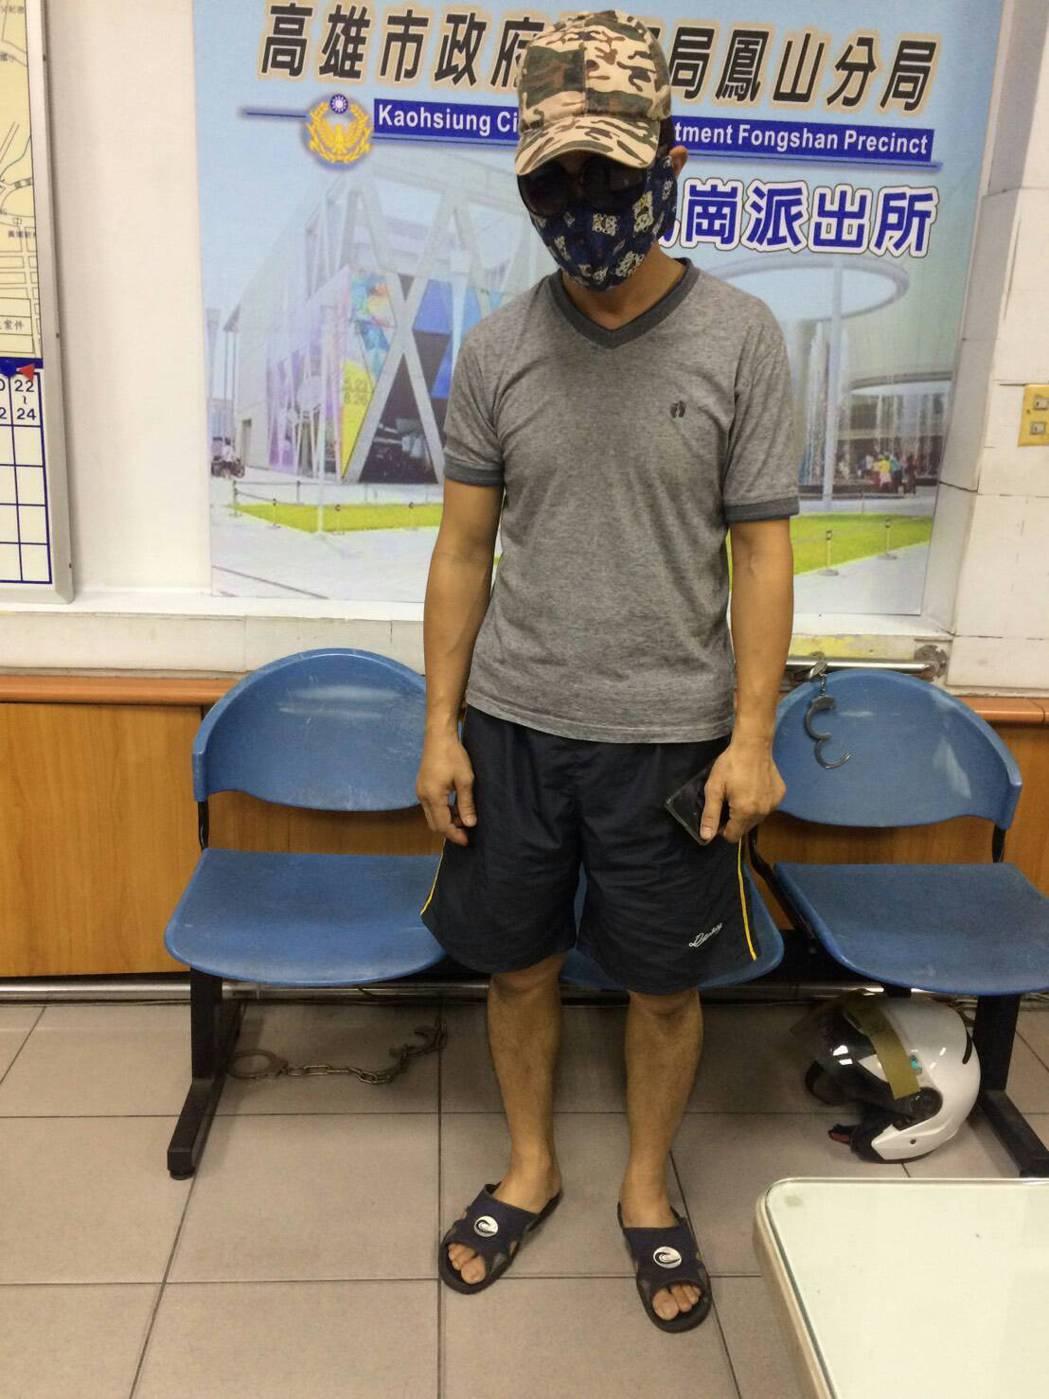 鳳崗派出所依車輛查獲涉案的劉男,依竊盜未遂罪函送法辦。記者林伯驊/翻攝